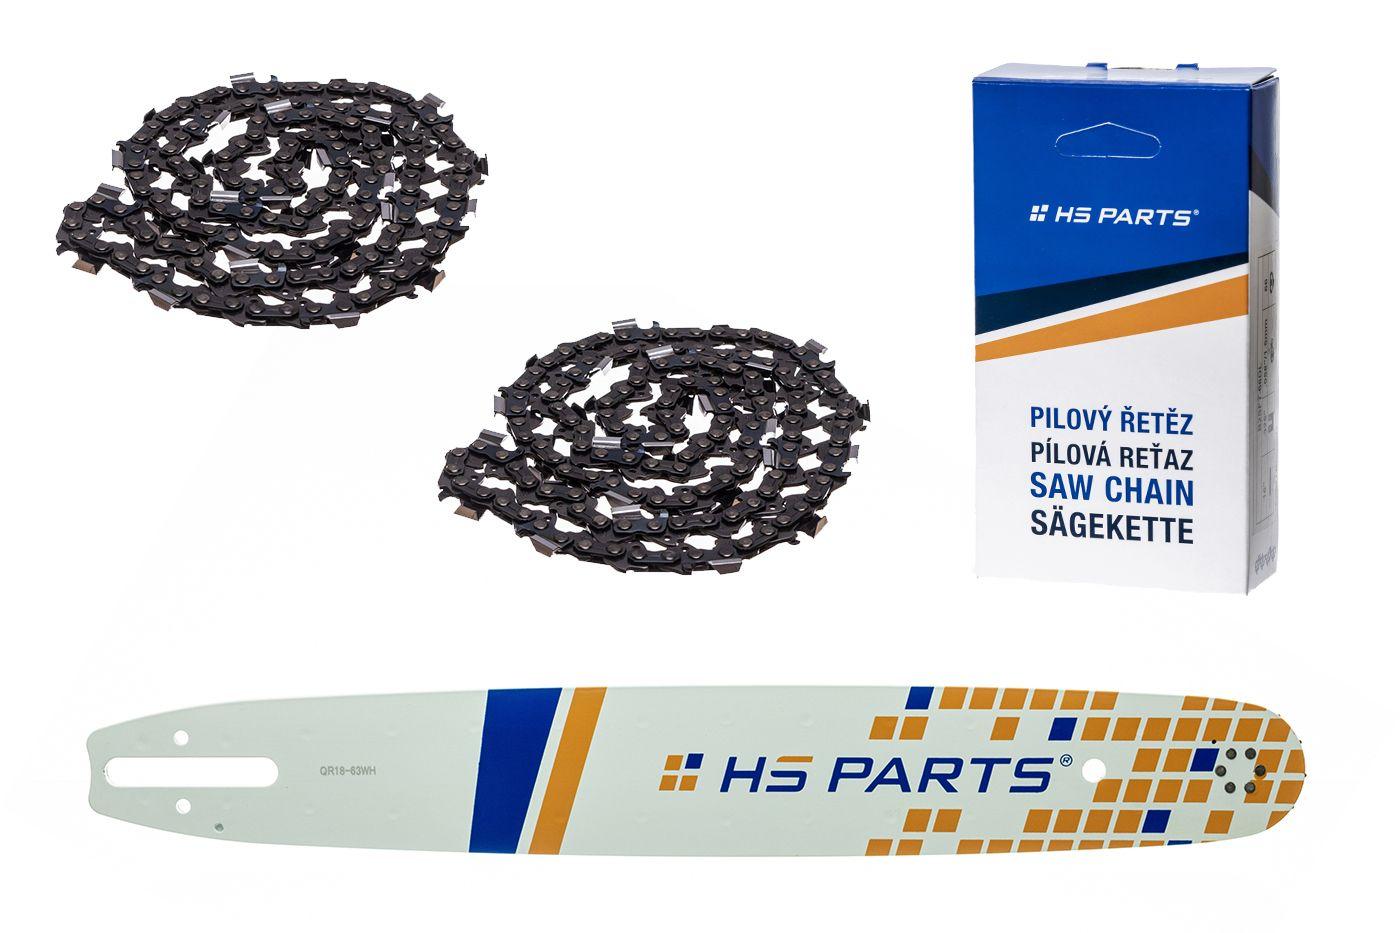 """HS PARTS Akční set vodící lišta 18"""" (45 cm) .325"""" .063"""" (1,6 mm) + 2 x pilový řetěz 74 čl."""